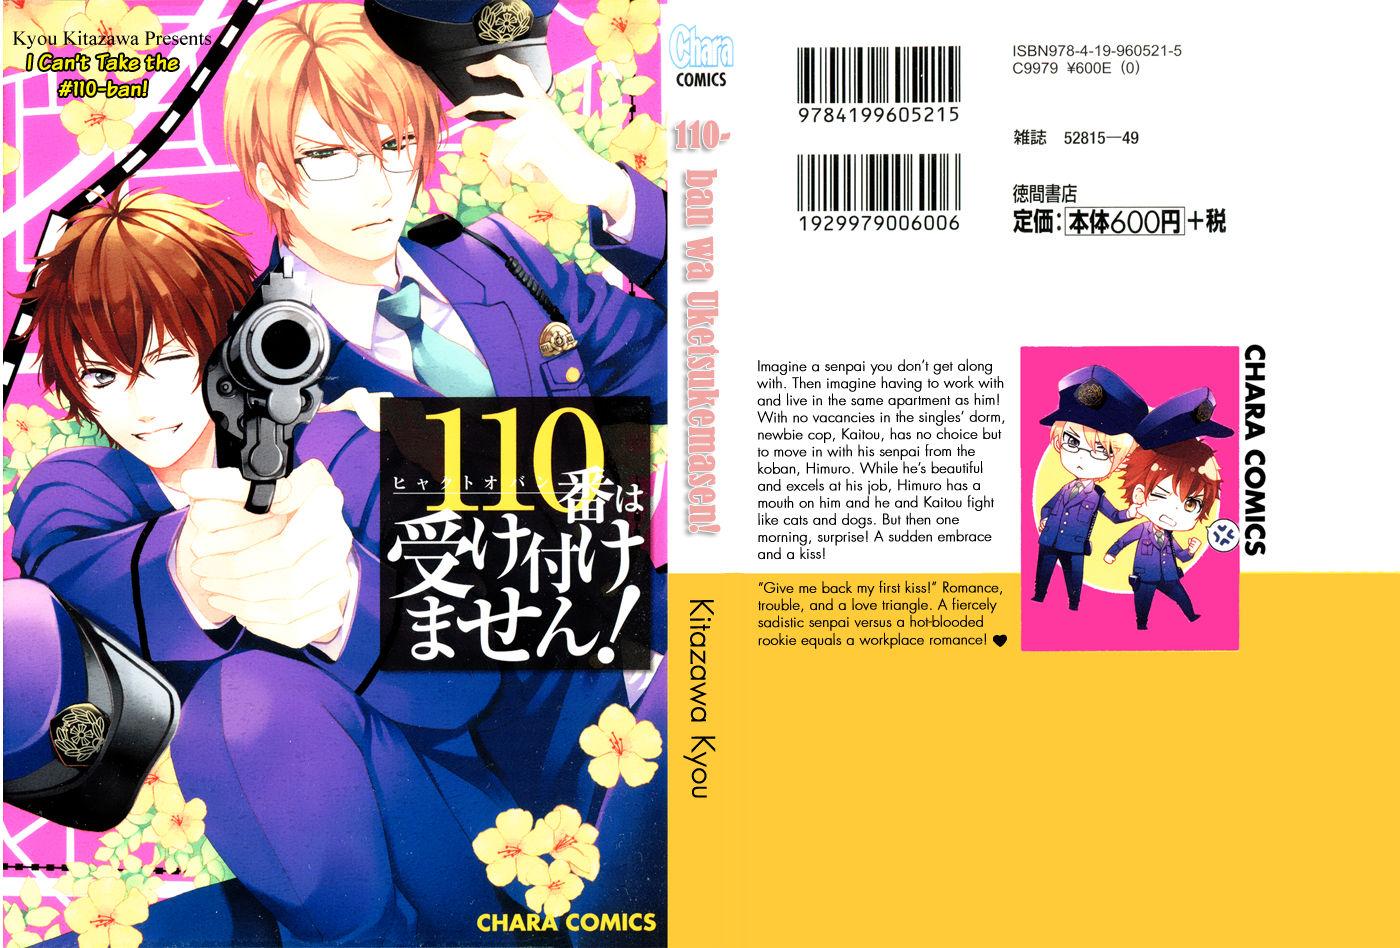 110-Ban wa Uketsukemasen! 1 Page 2